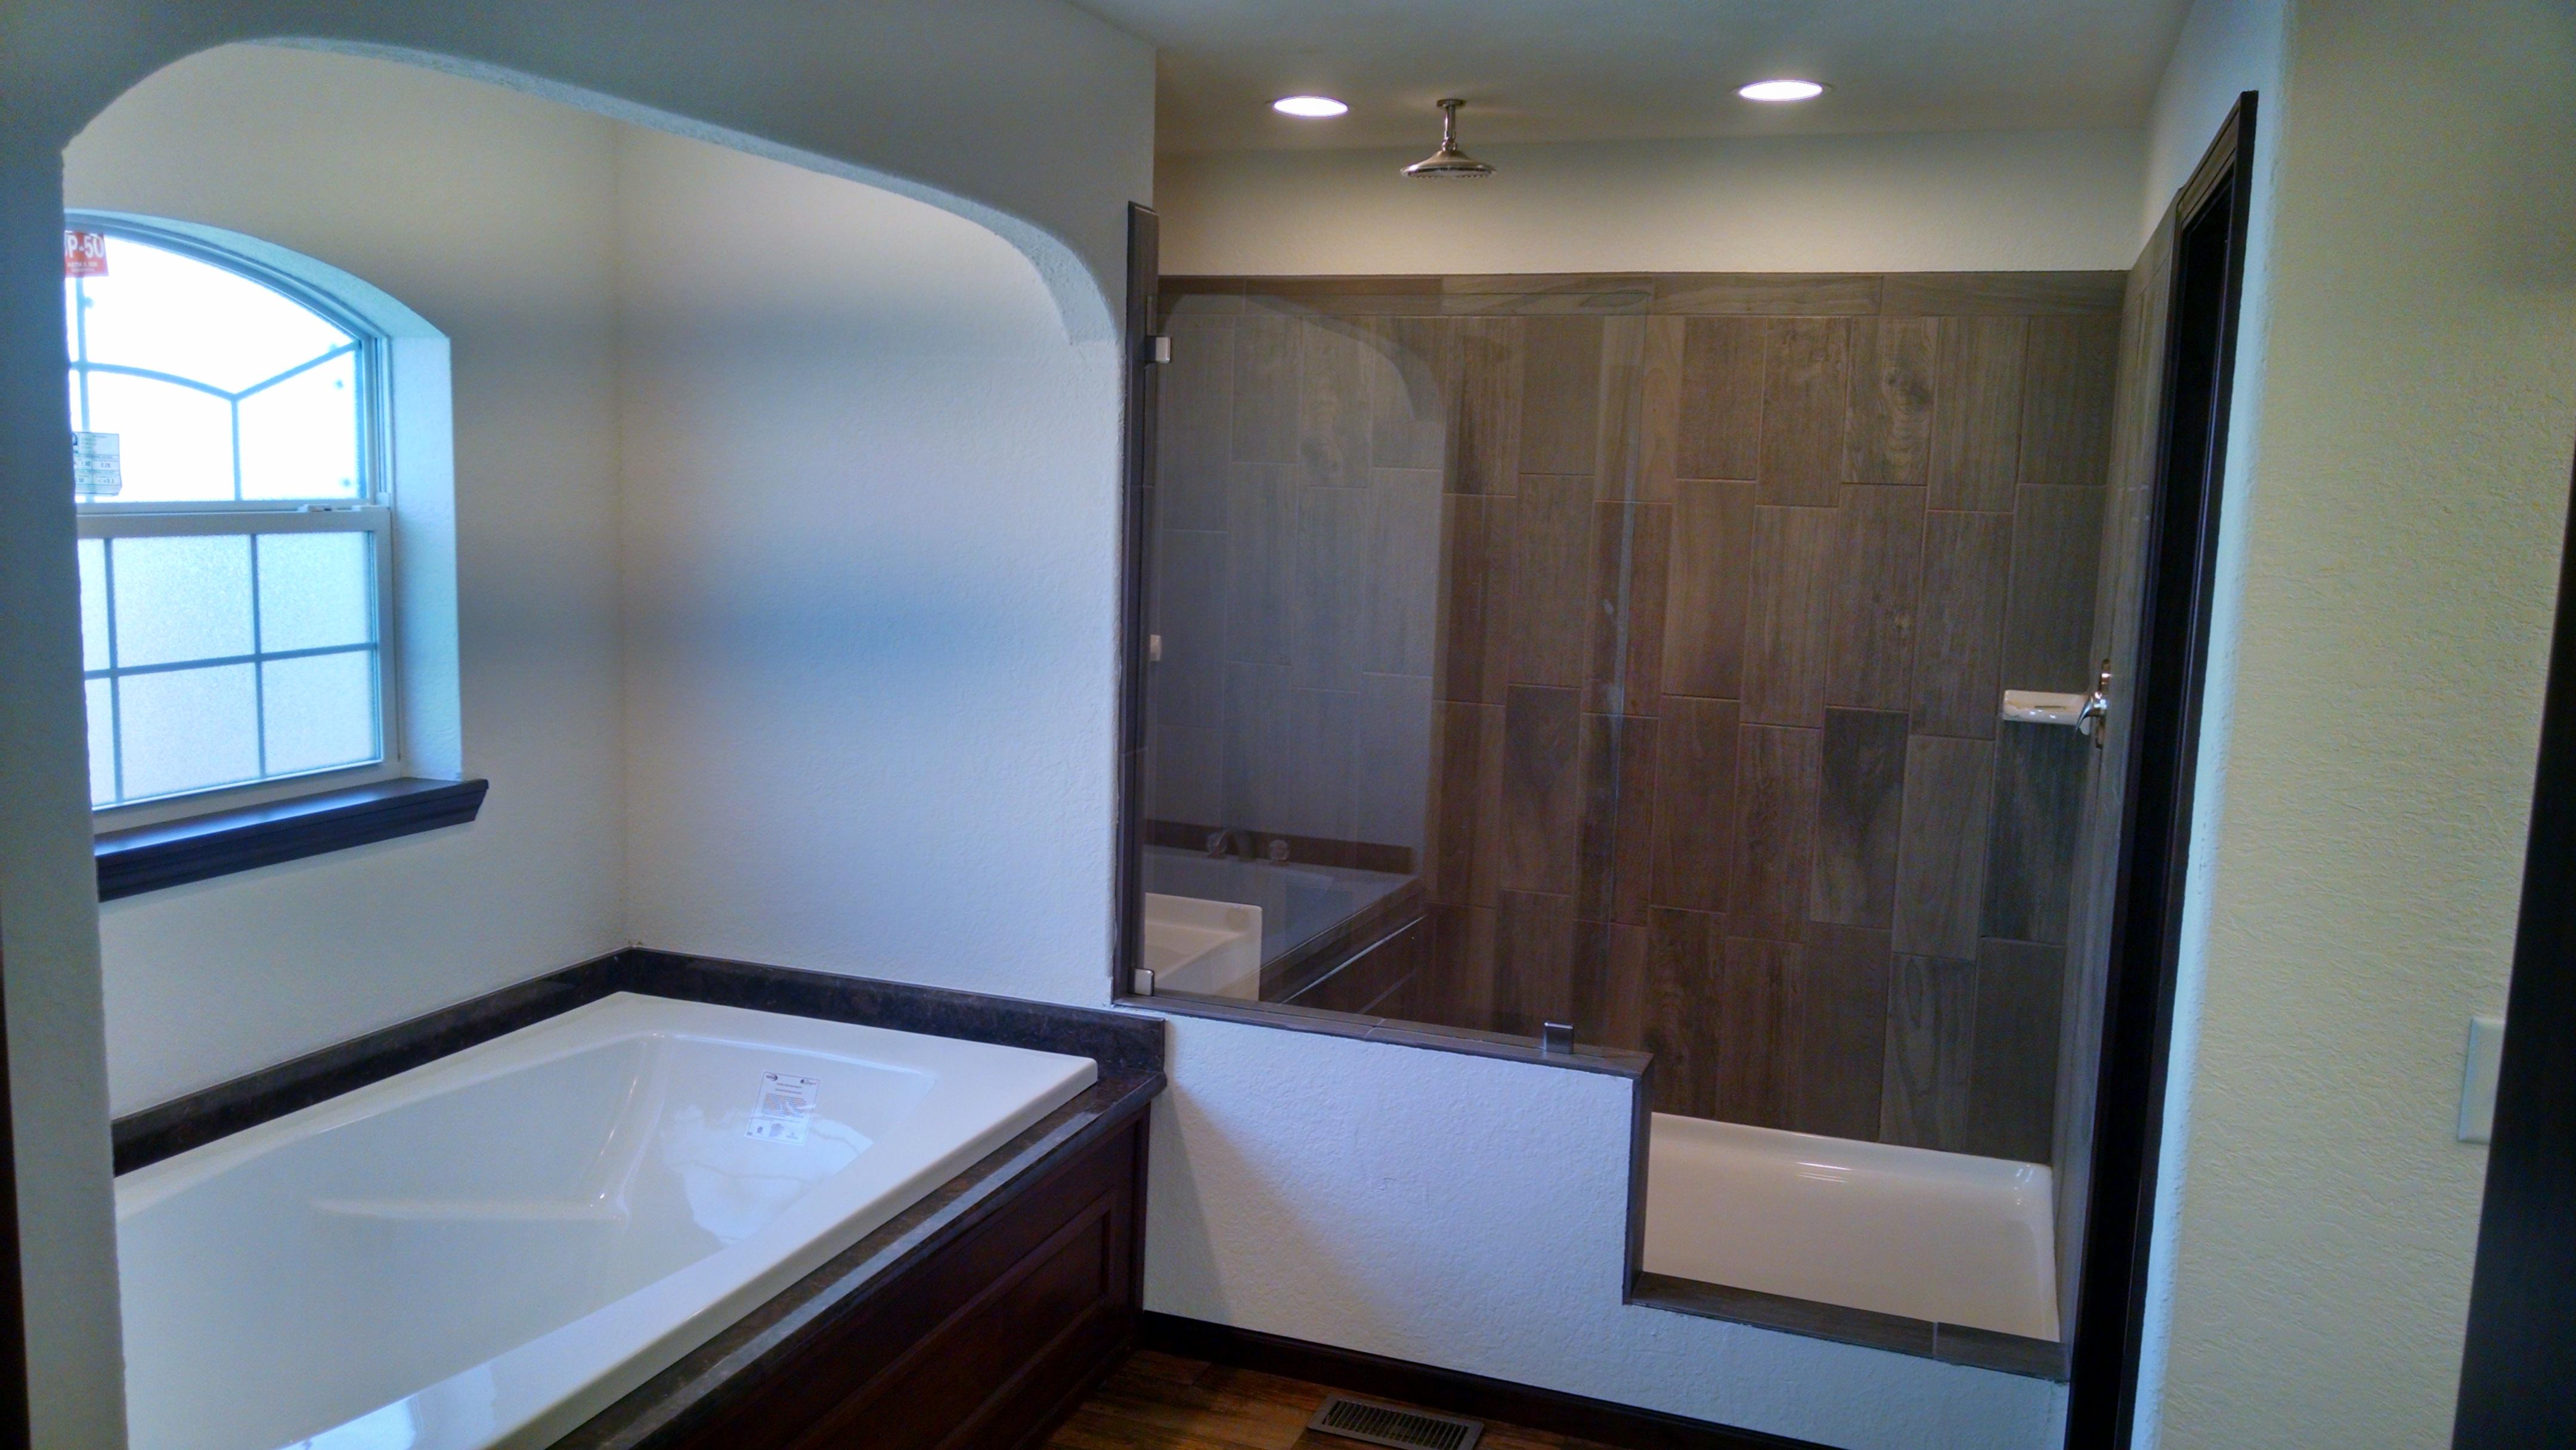 Bellevue_MasterBath_Tub_Walkin Shower